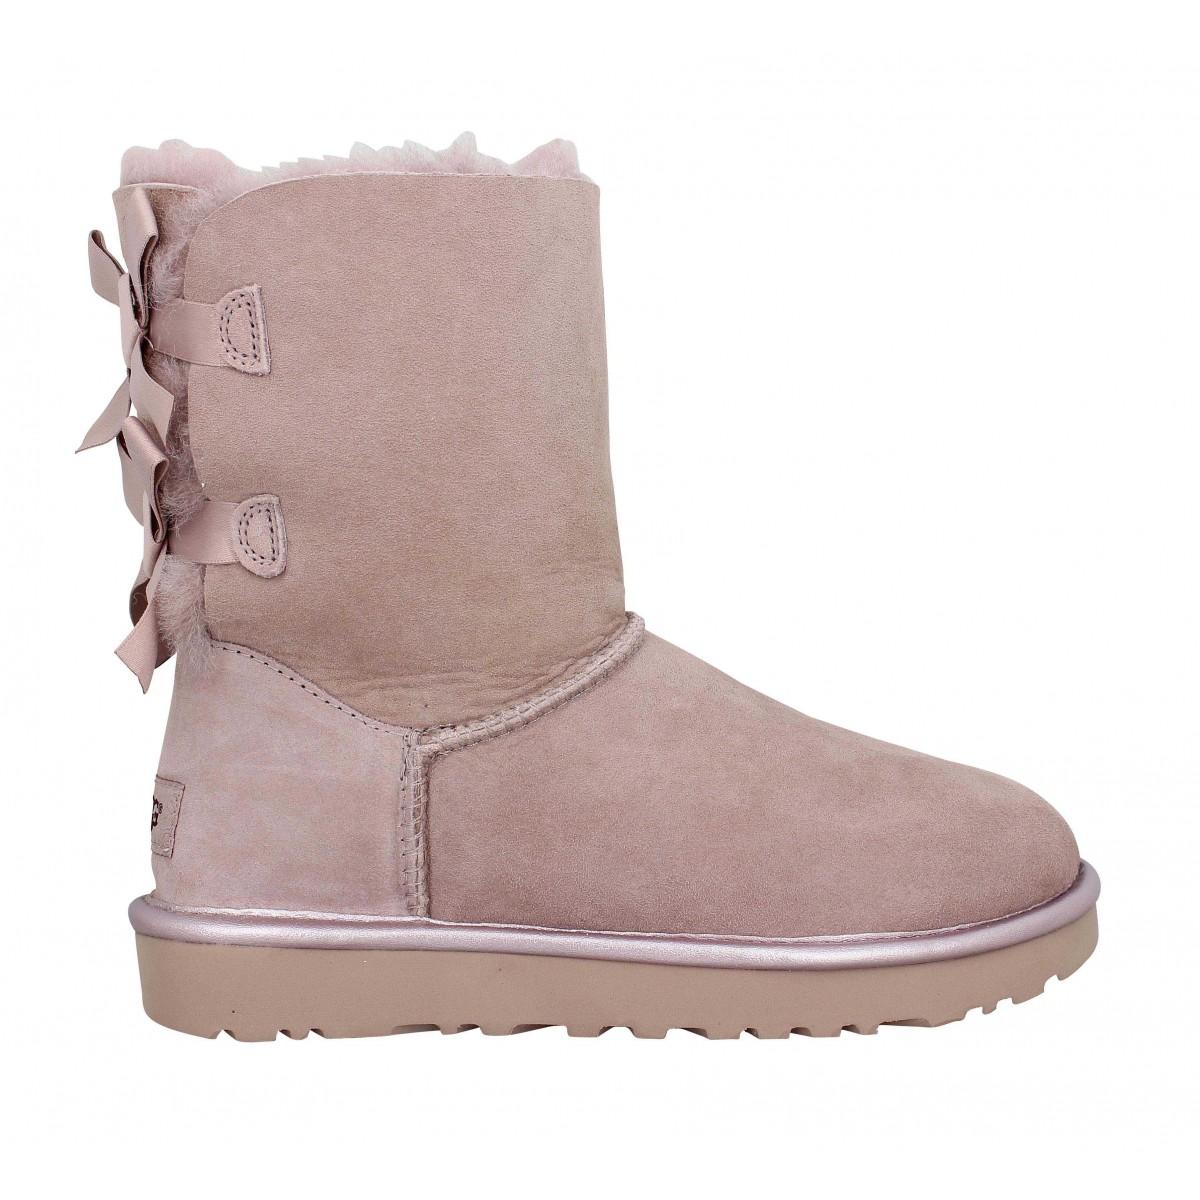 Chaussures - Bas-tops Et Baskets Ugg giRT3Dj